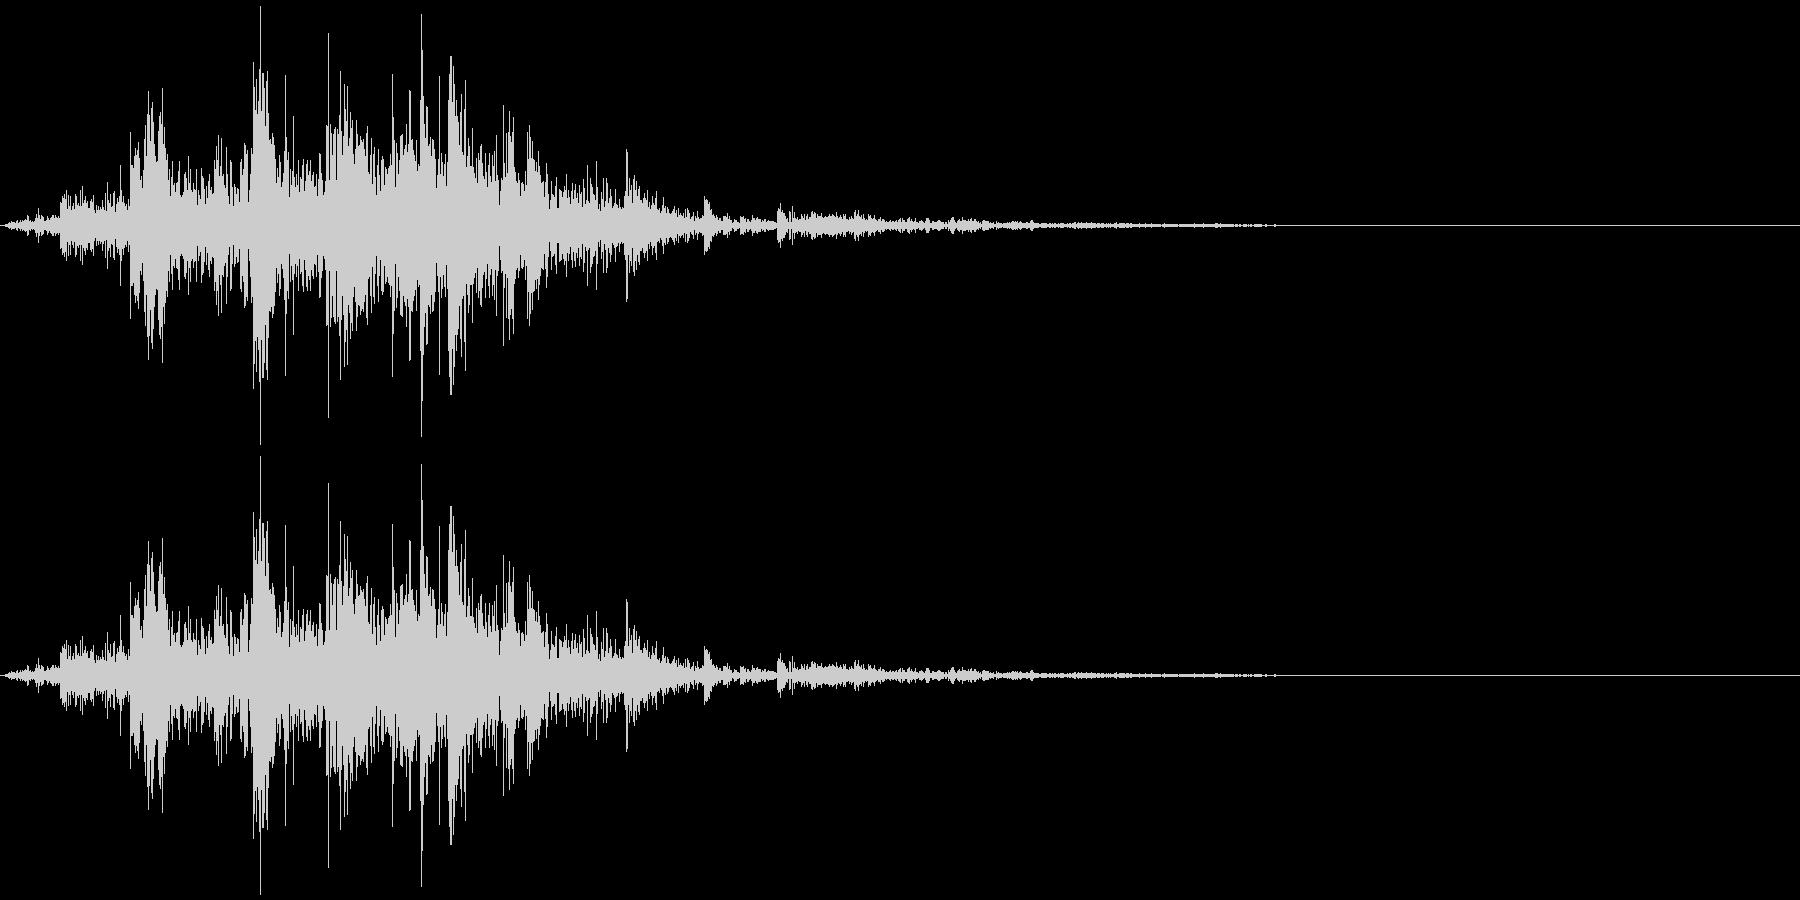 鎖を動かす音14【短い】の未再生の波形